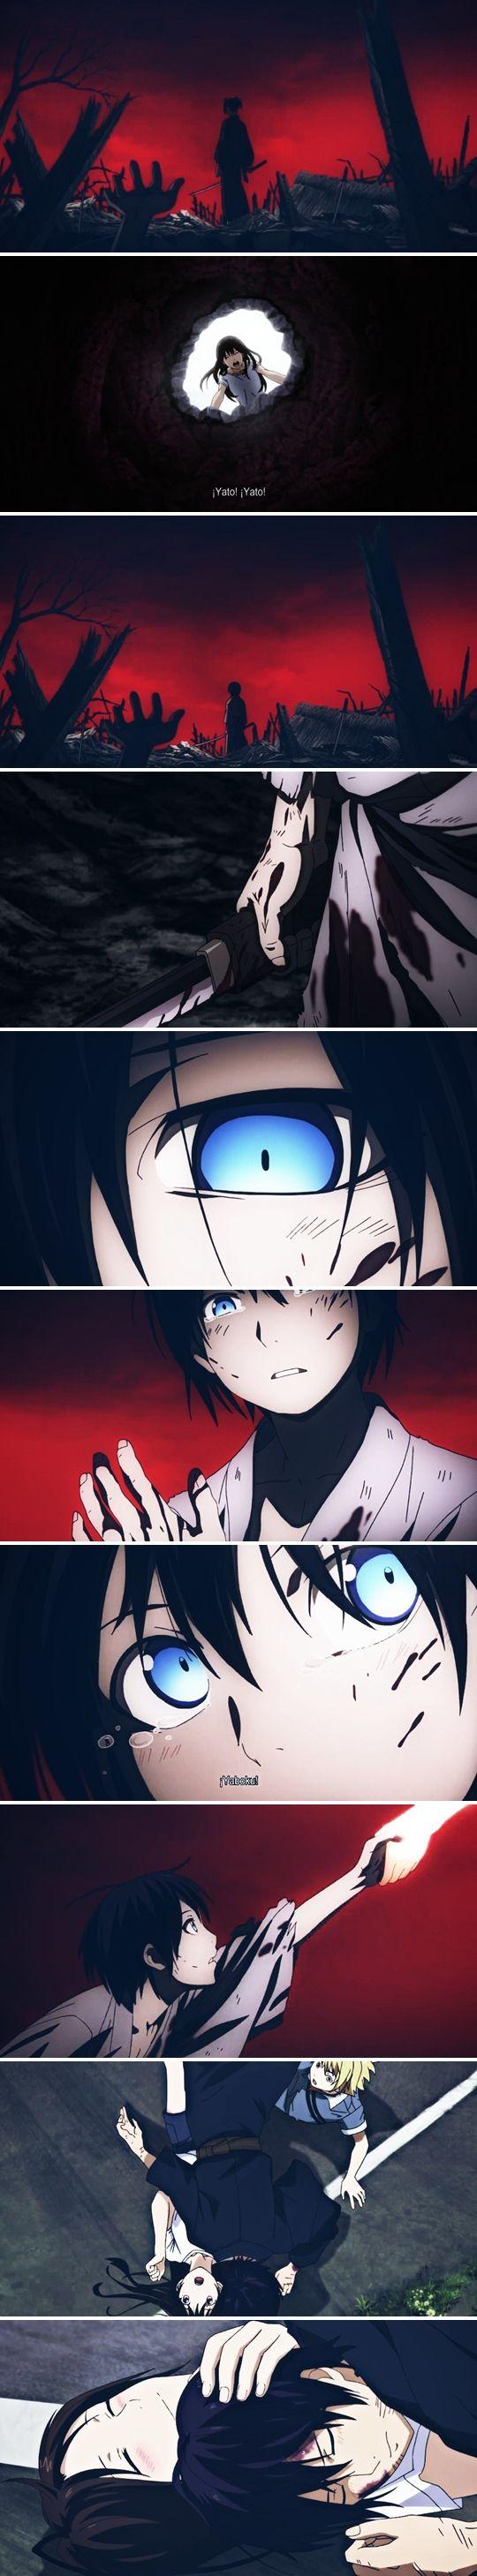 noragami, hiyori, yato, yaboku I was happy and sad at the same time at this part... :....)